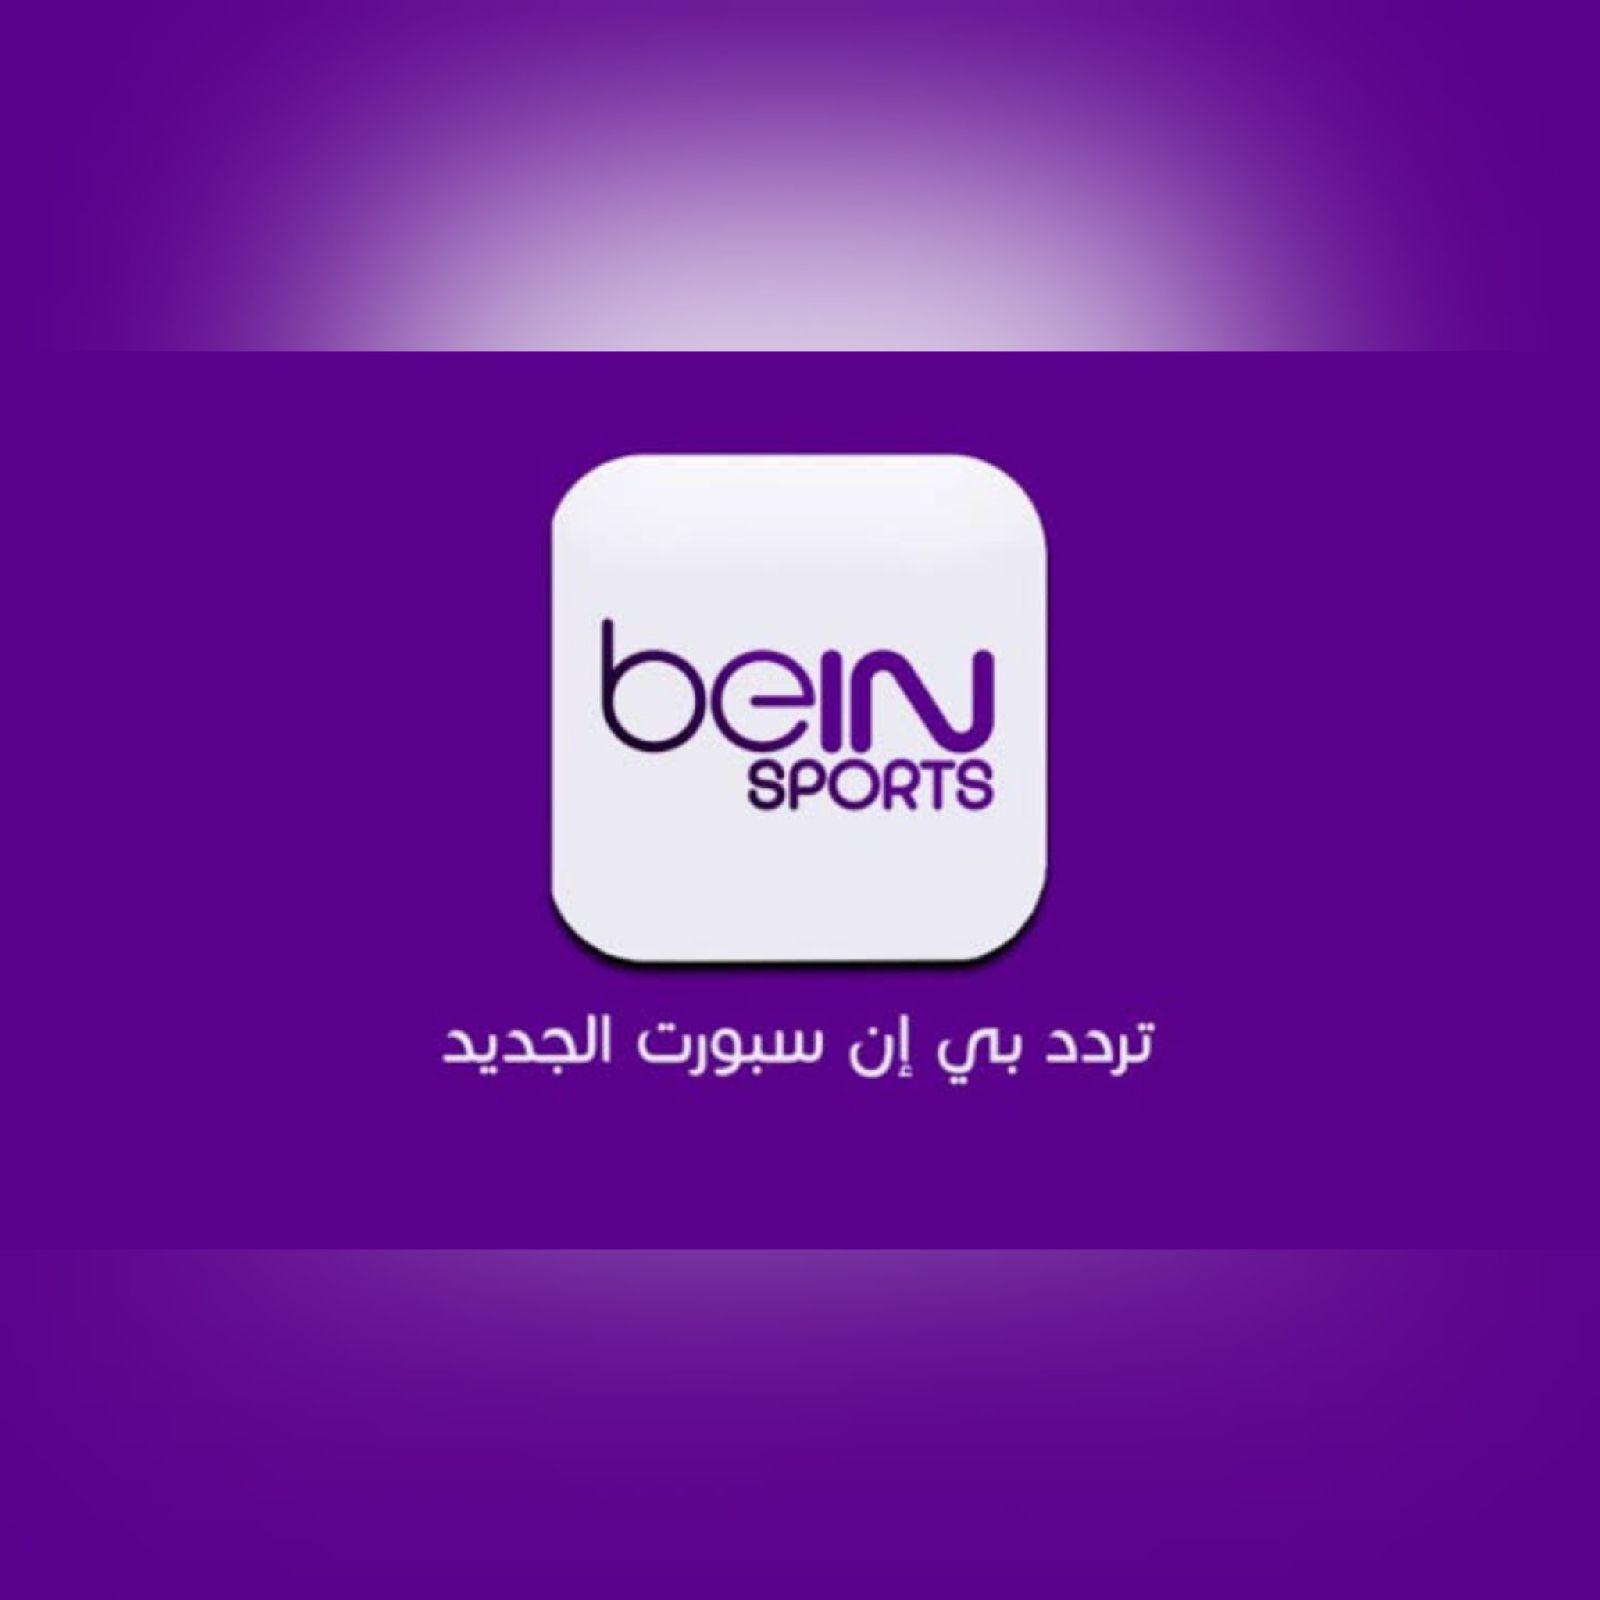 تردد قناة بين سبورت Hd المفتوحة نتابع معكم الآن القنوات الناقلة لمباريات كأس العالم للأندية 2021 في قطر Hd إتش دي حيث تنطلق ال In 2021 Bein Sports Sports